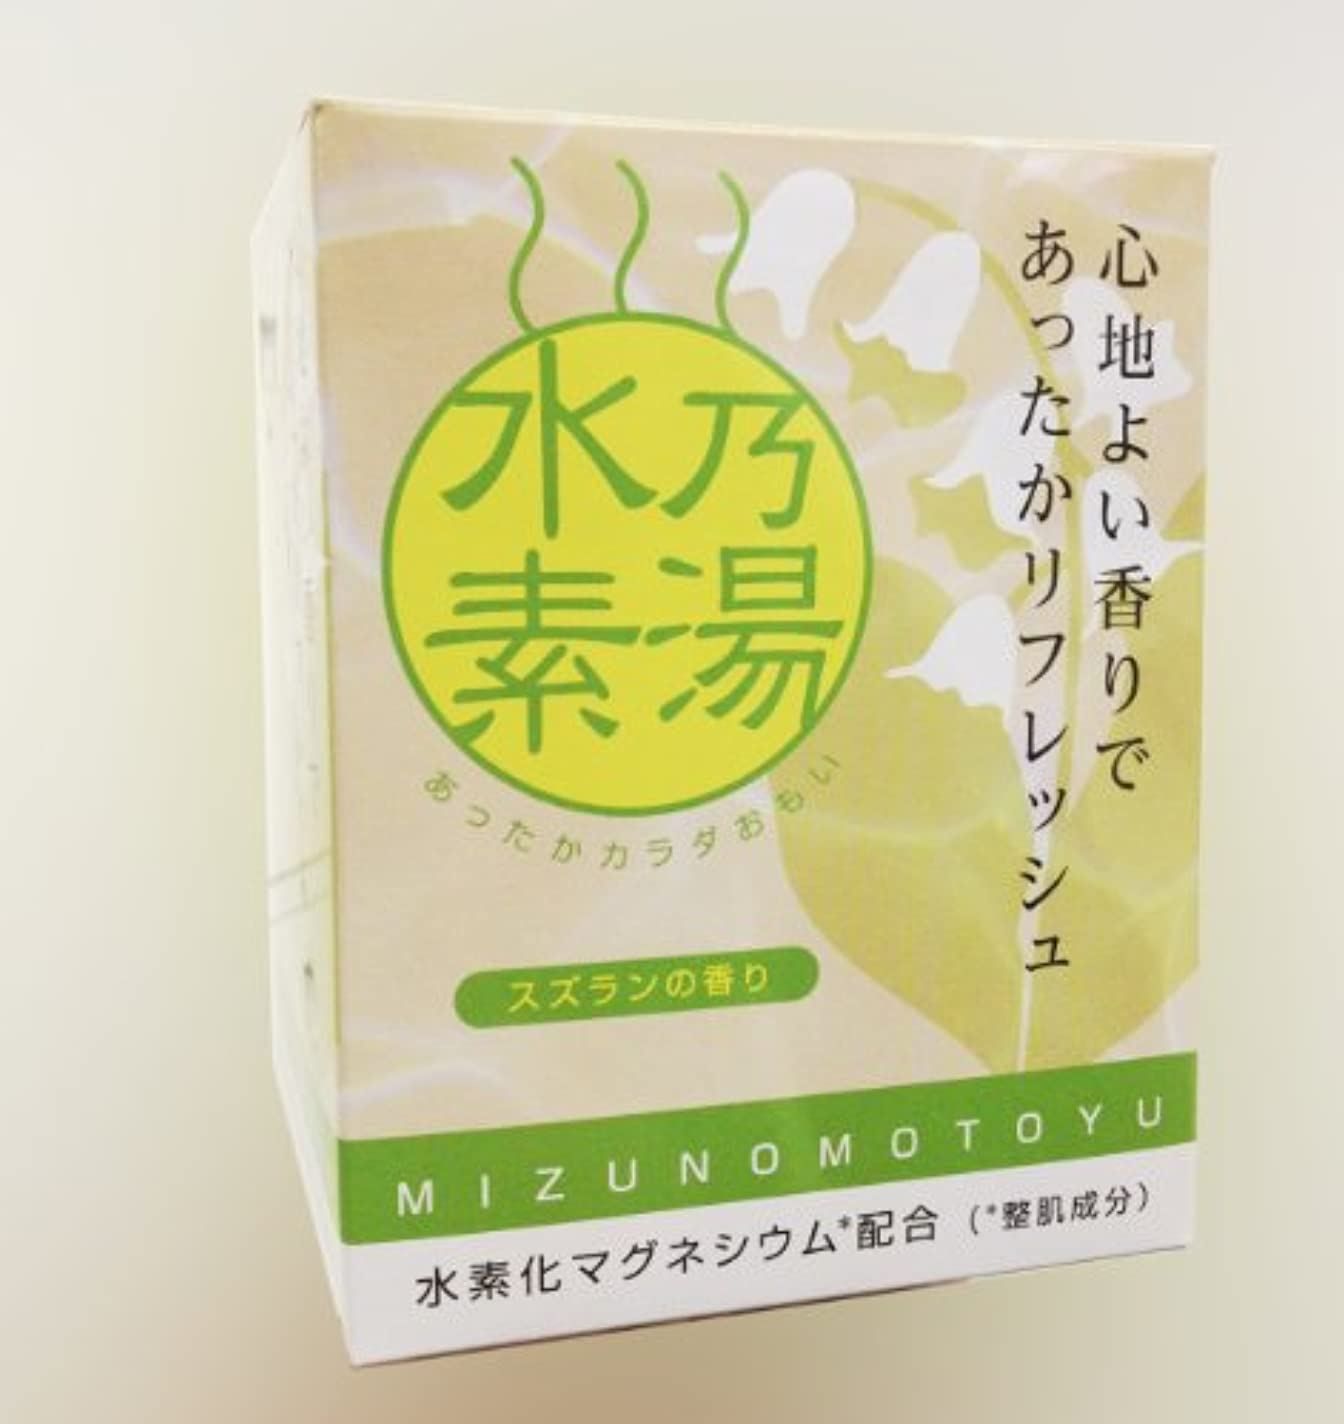 冊子山是正水乃素湯 水素化マグネシウムを使った入浴化粧料